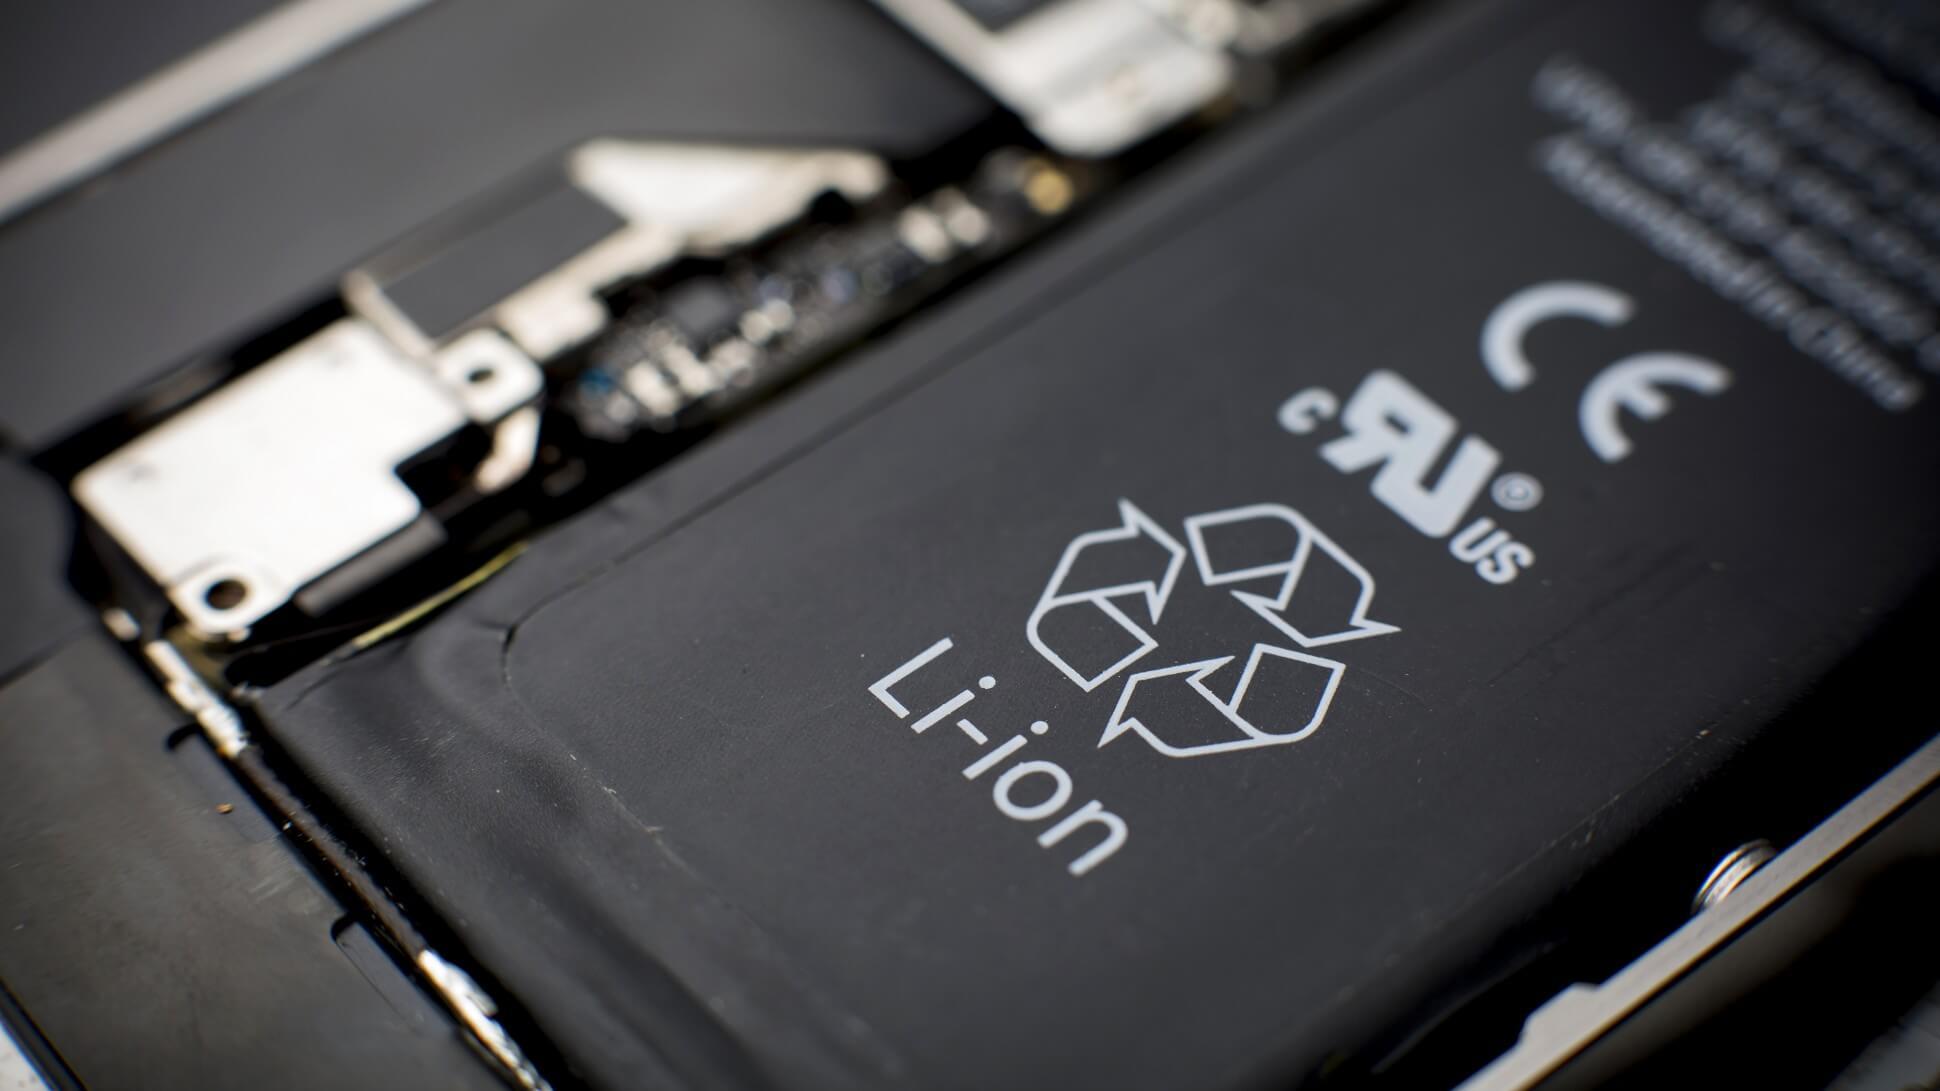 Владельцы каких моделей iPhone имеют право на льготную замену аккумулятора